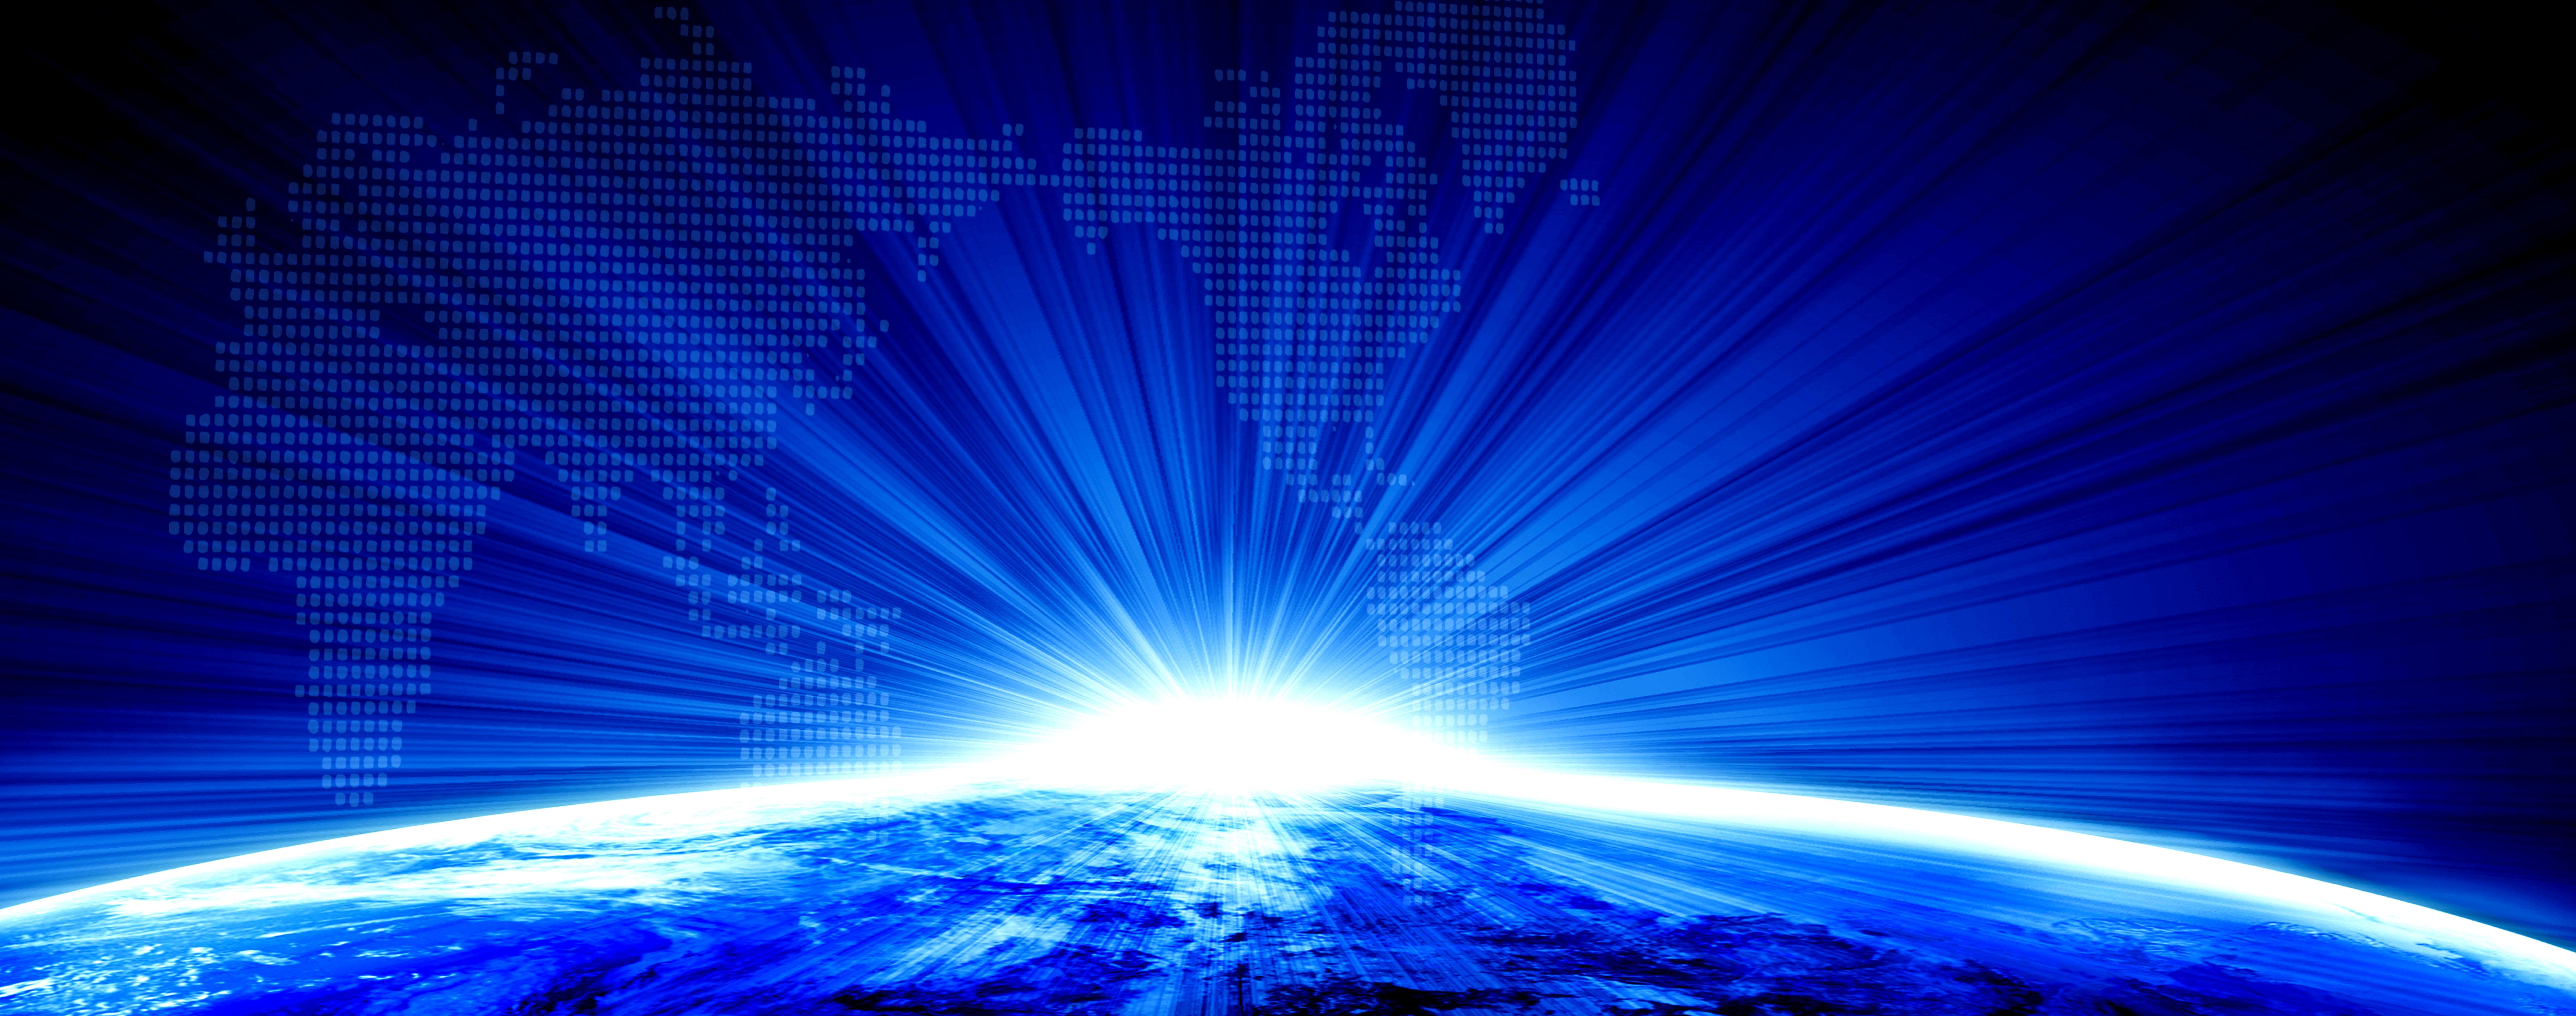 Banco De Imagens Luz Solar Atmosfera O Neg Cio Espa O Sideral  -> Imagens Do Universo Para Papel De Parede